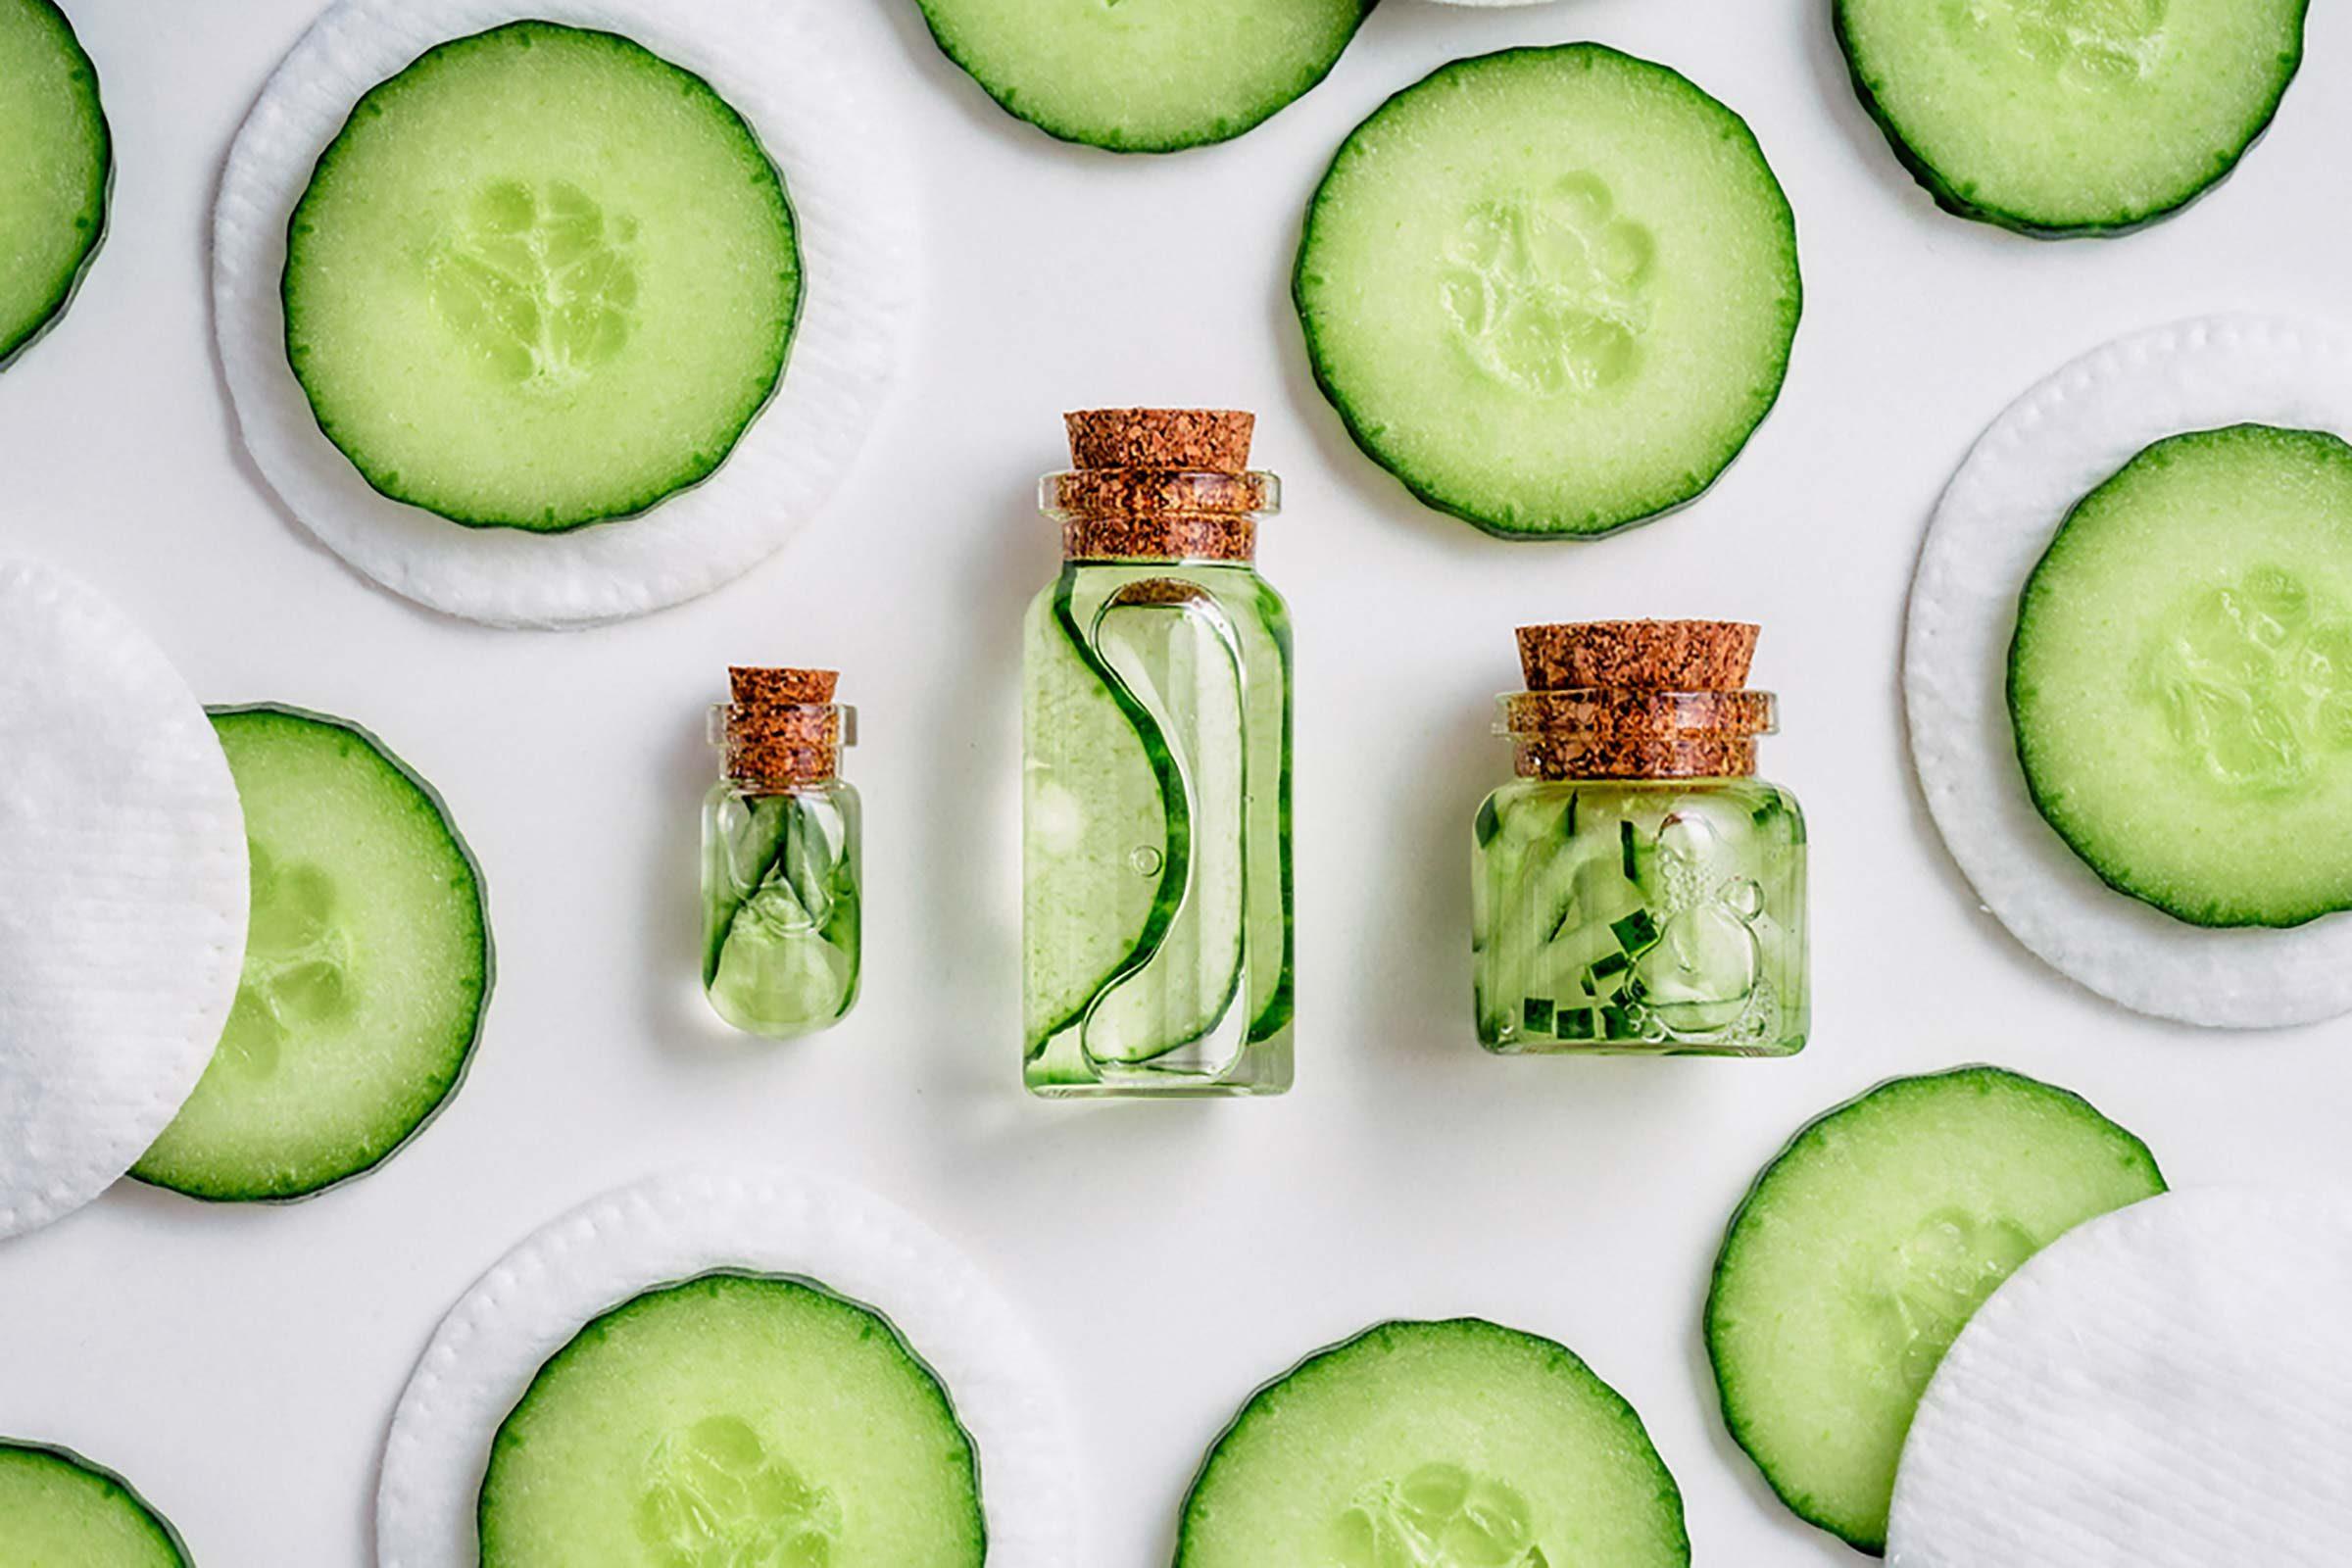 Cucumber slices artfully arranged around jars containing cucumber liquid